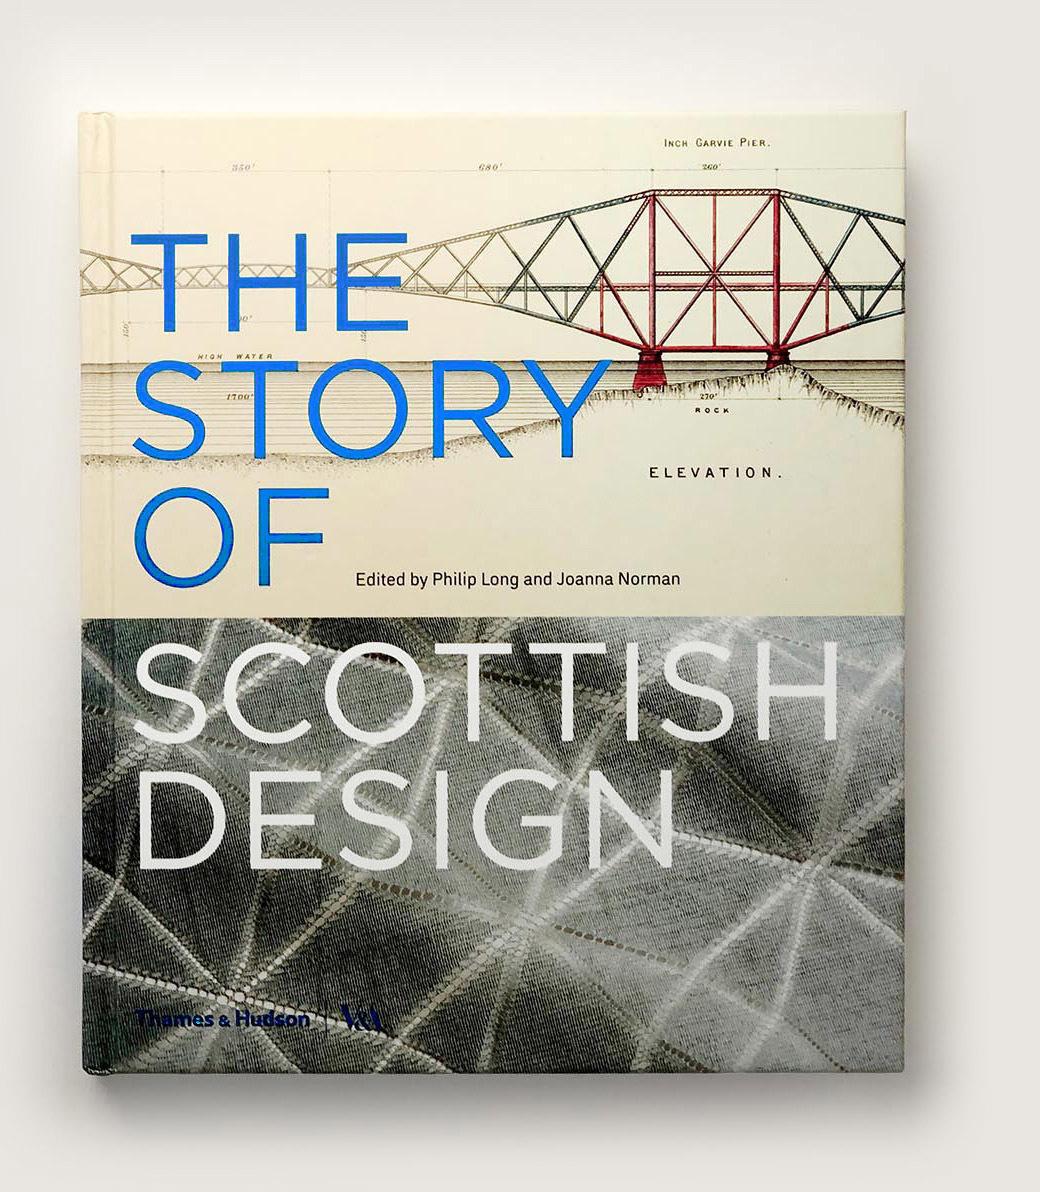 Scottish Design Cover